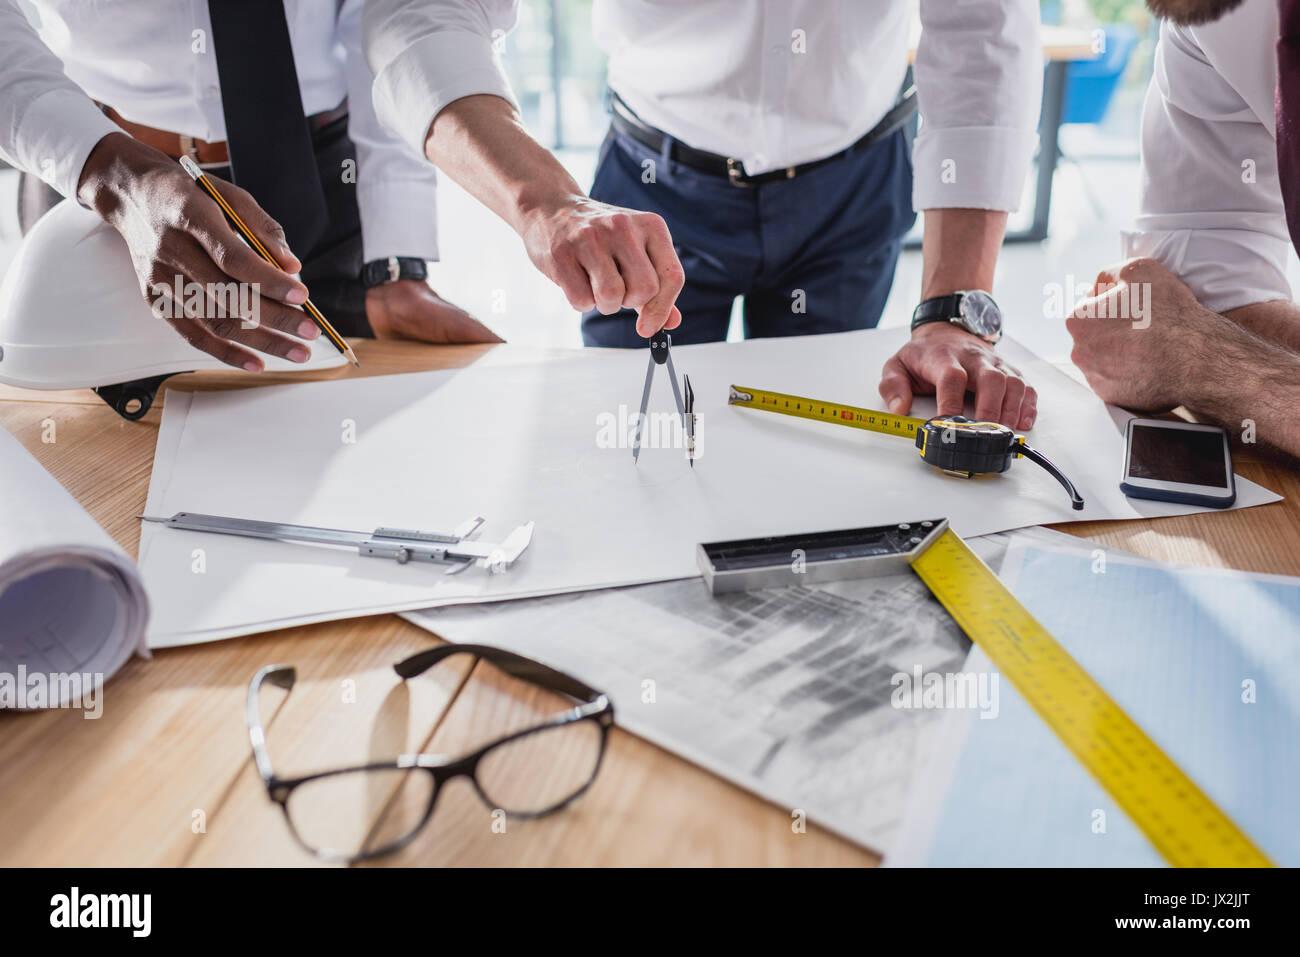 Vue partielle de l'équipe d'architectes travaillant sur le plan ensemble dans un bureau moderne Photo Stock